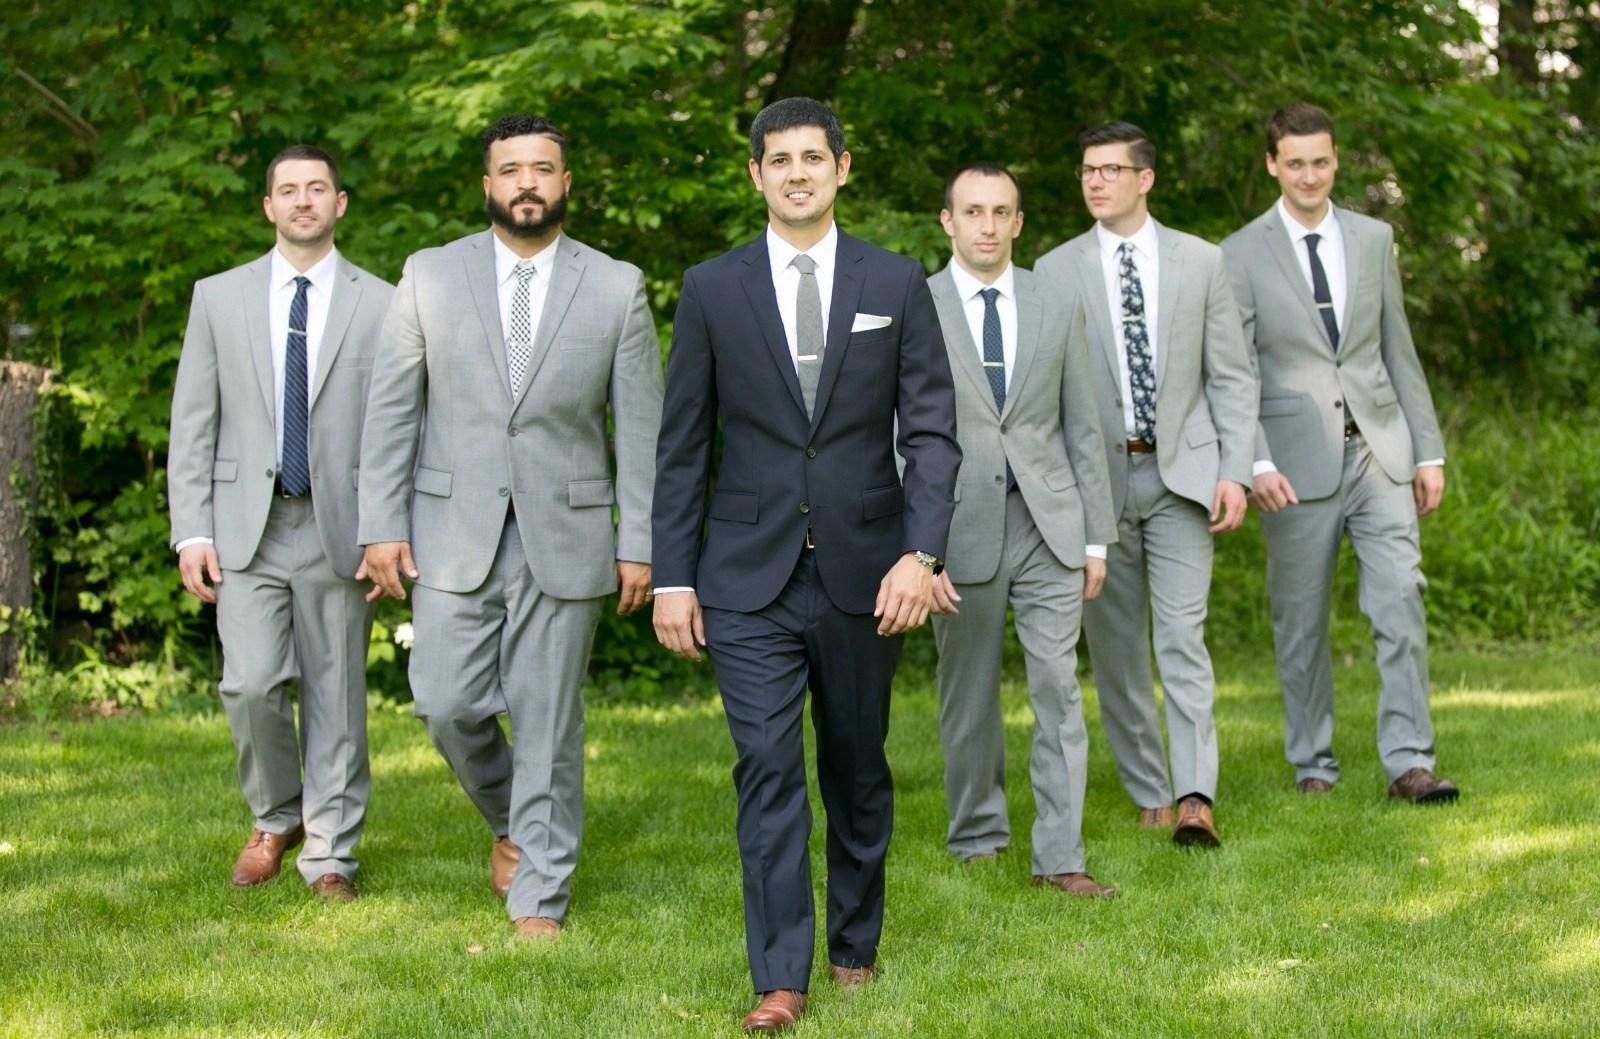 2a-groomsmen